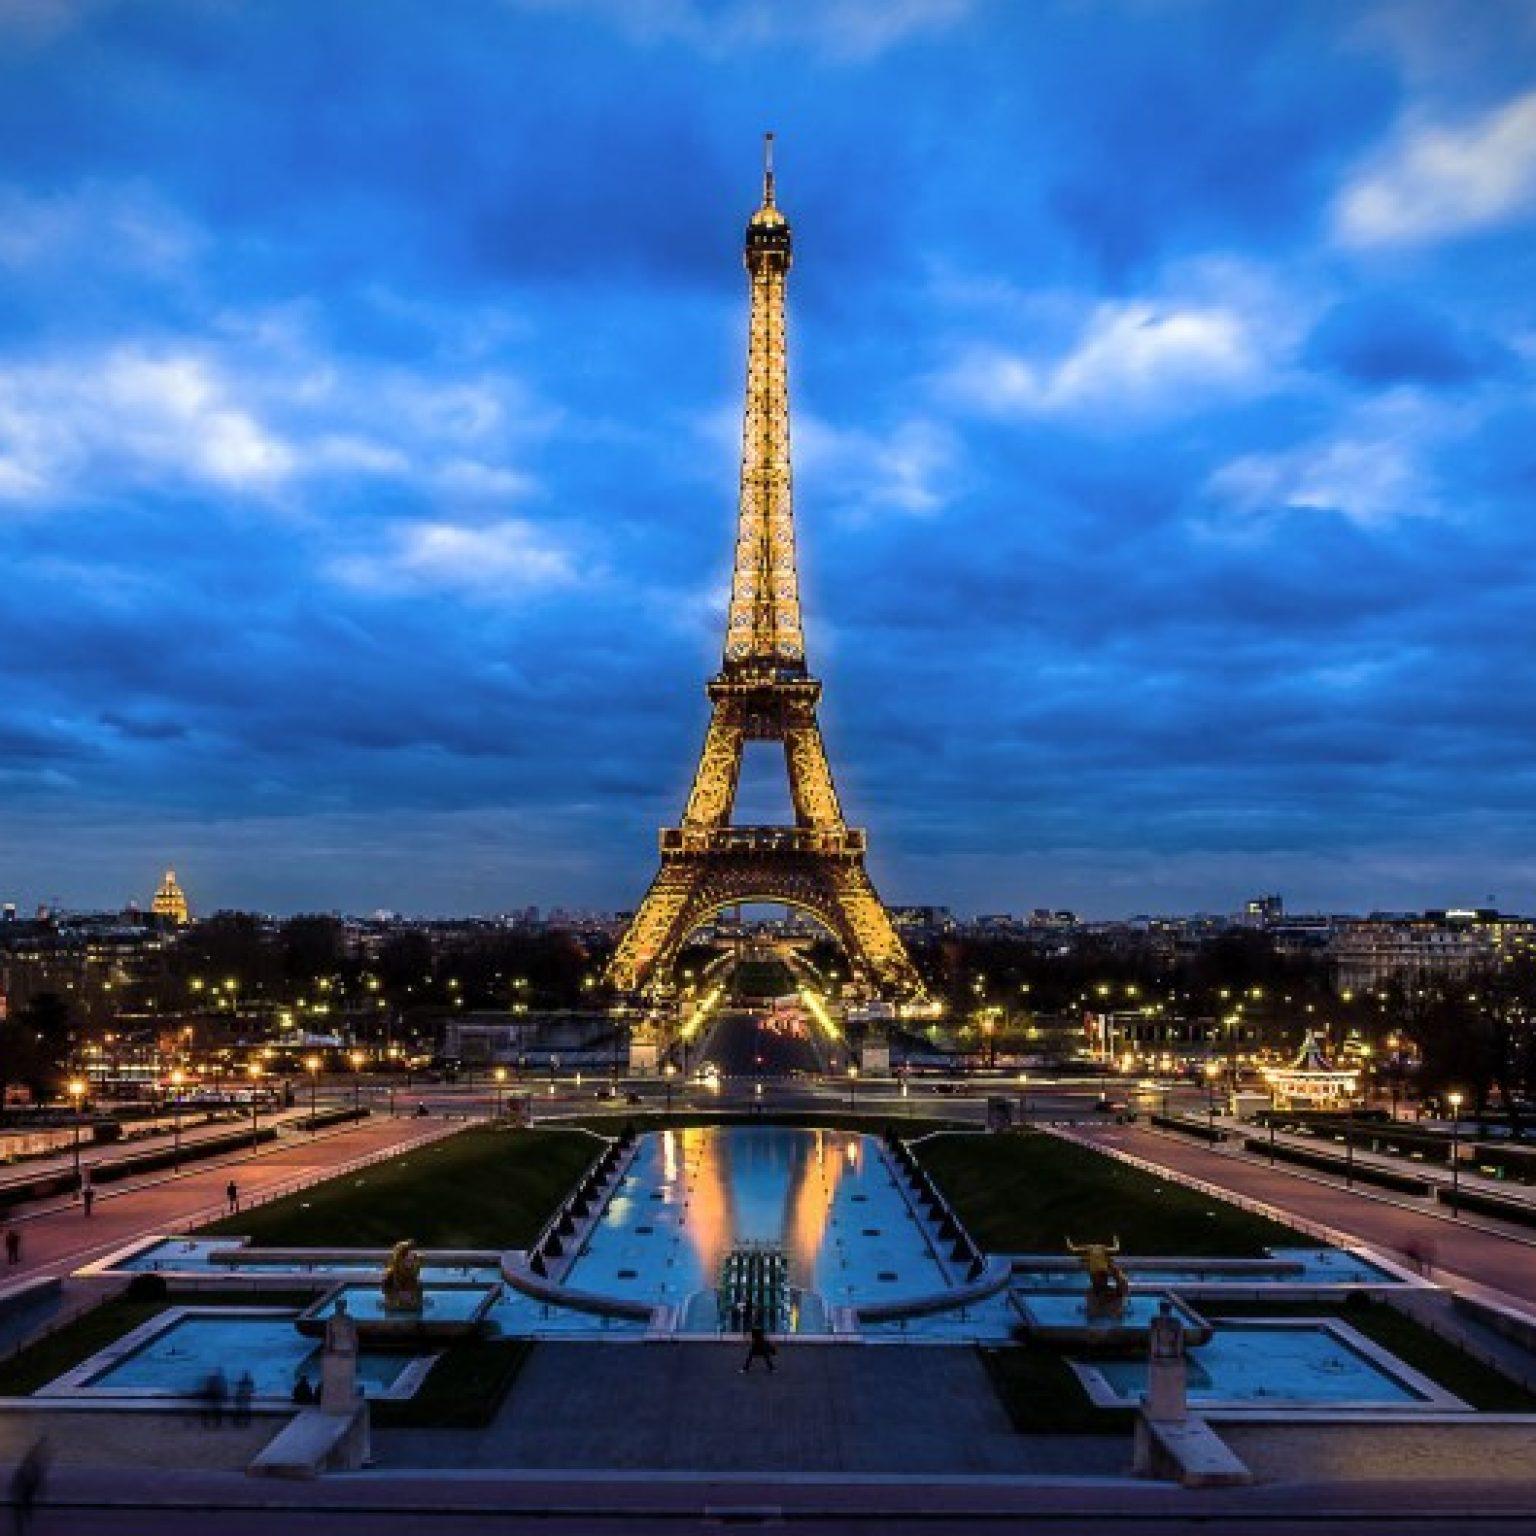 Достопримечательности Парижа: Эйфелева башня